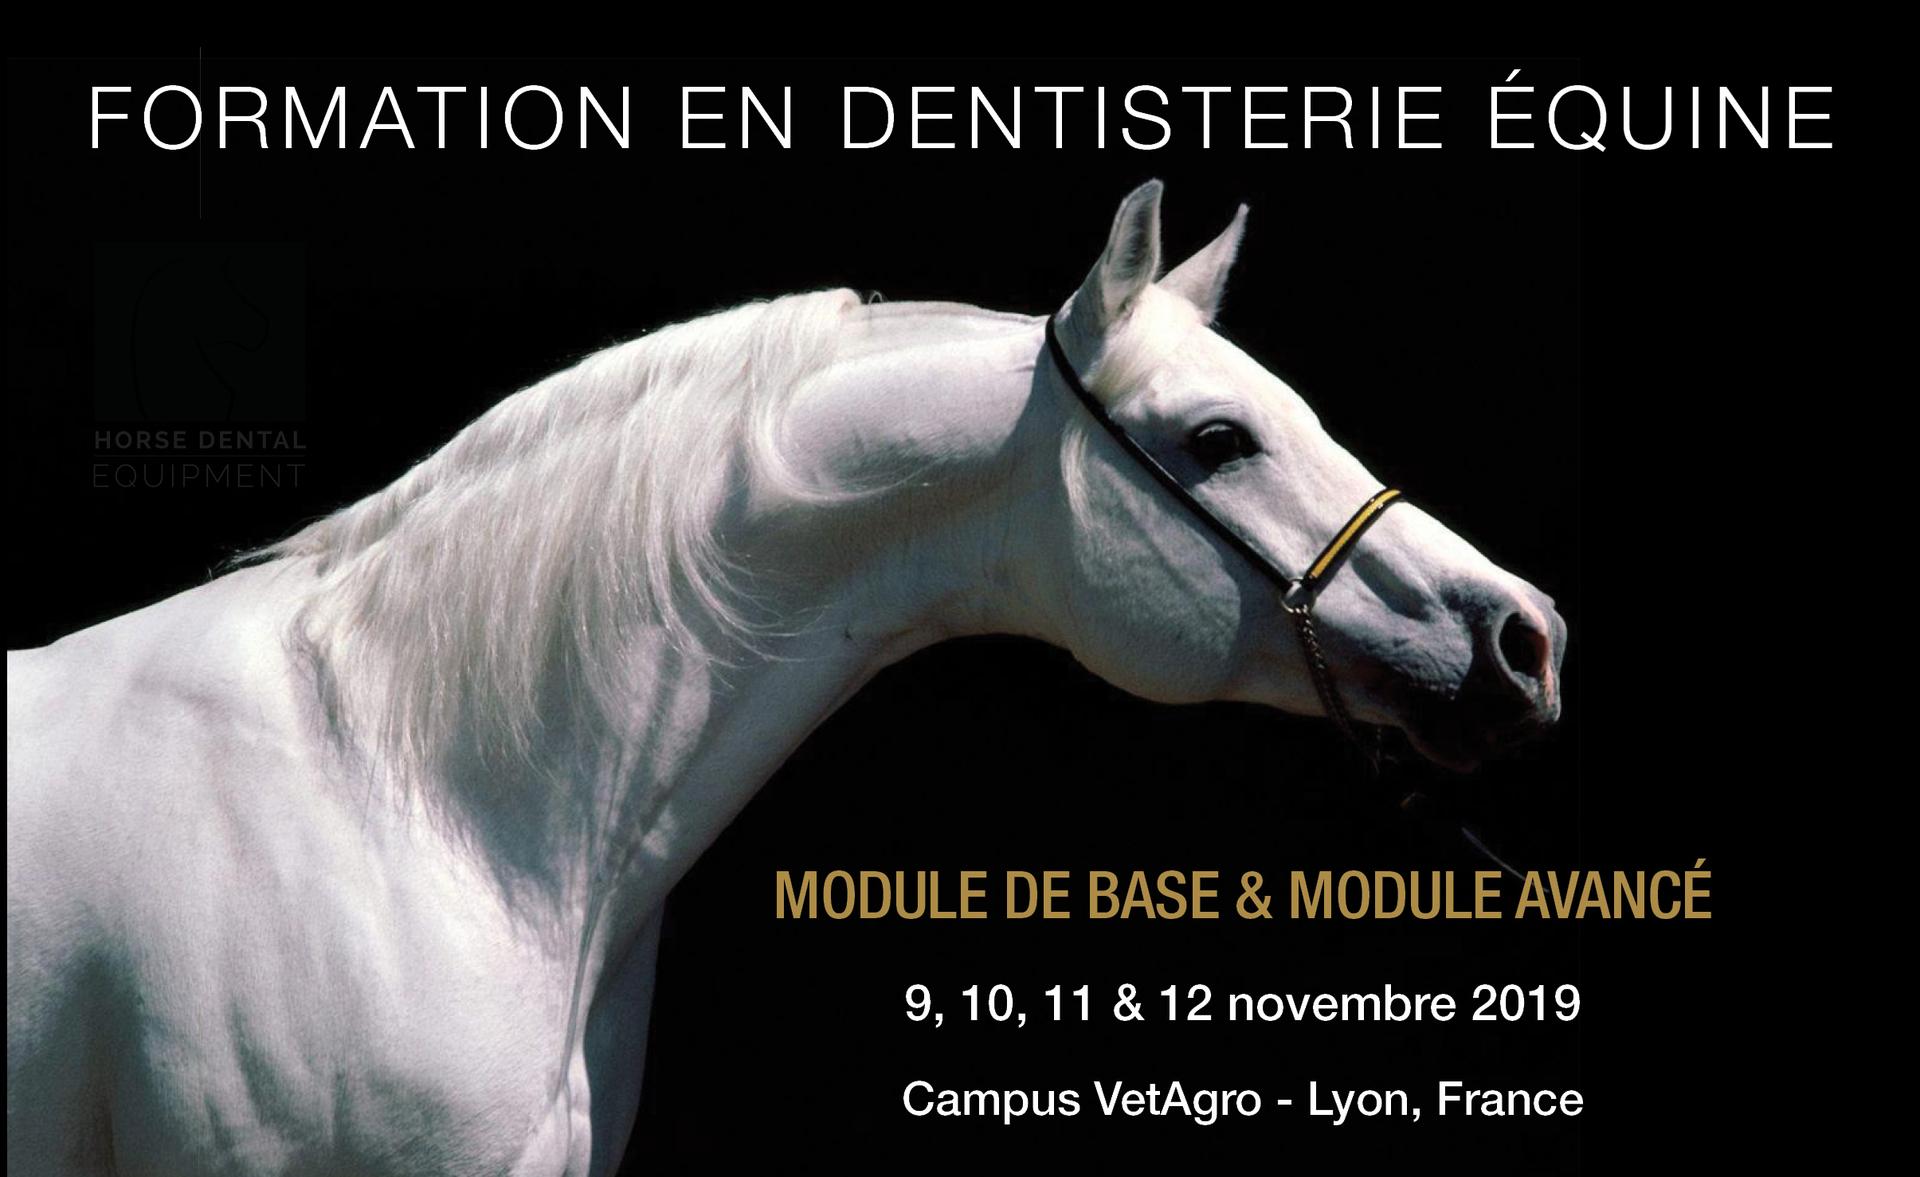 Formation en dentisterie équine